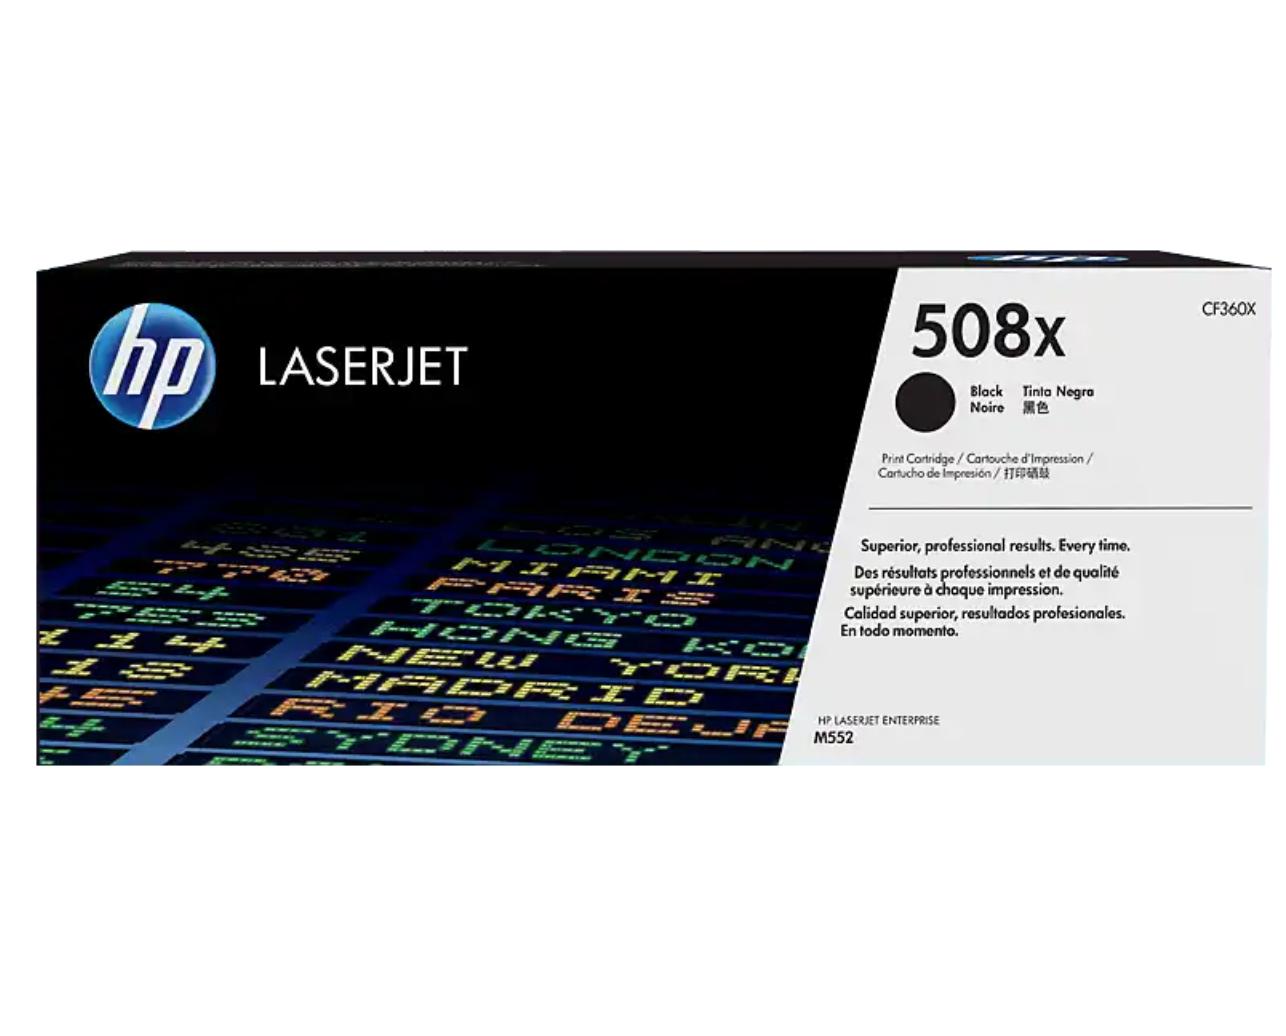 HP 508X 黑色原廠 LaserJet 碳粉 CF360X